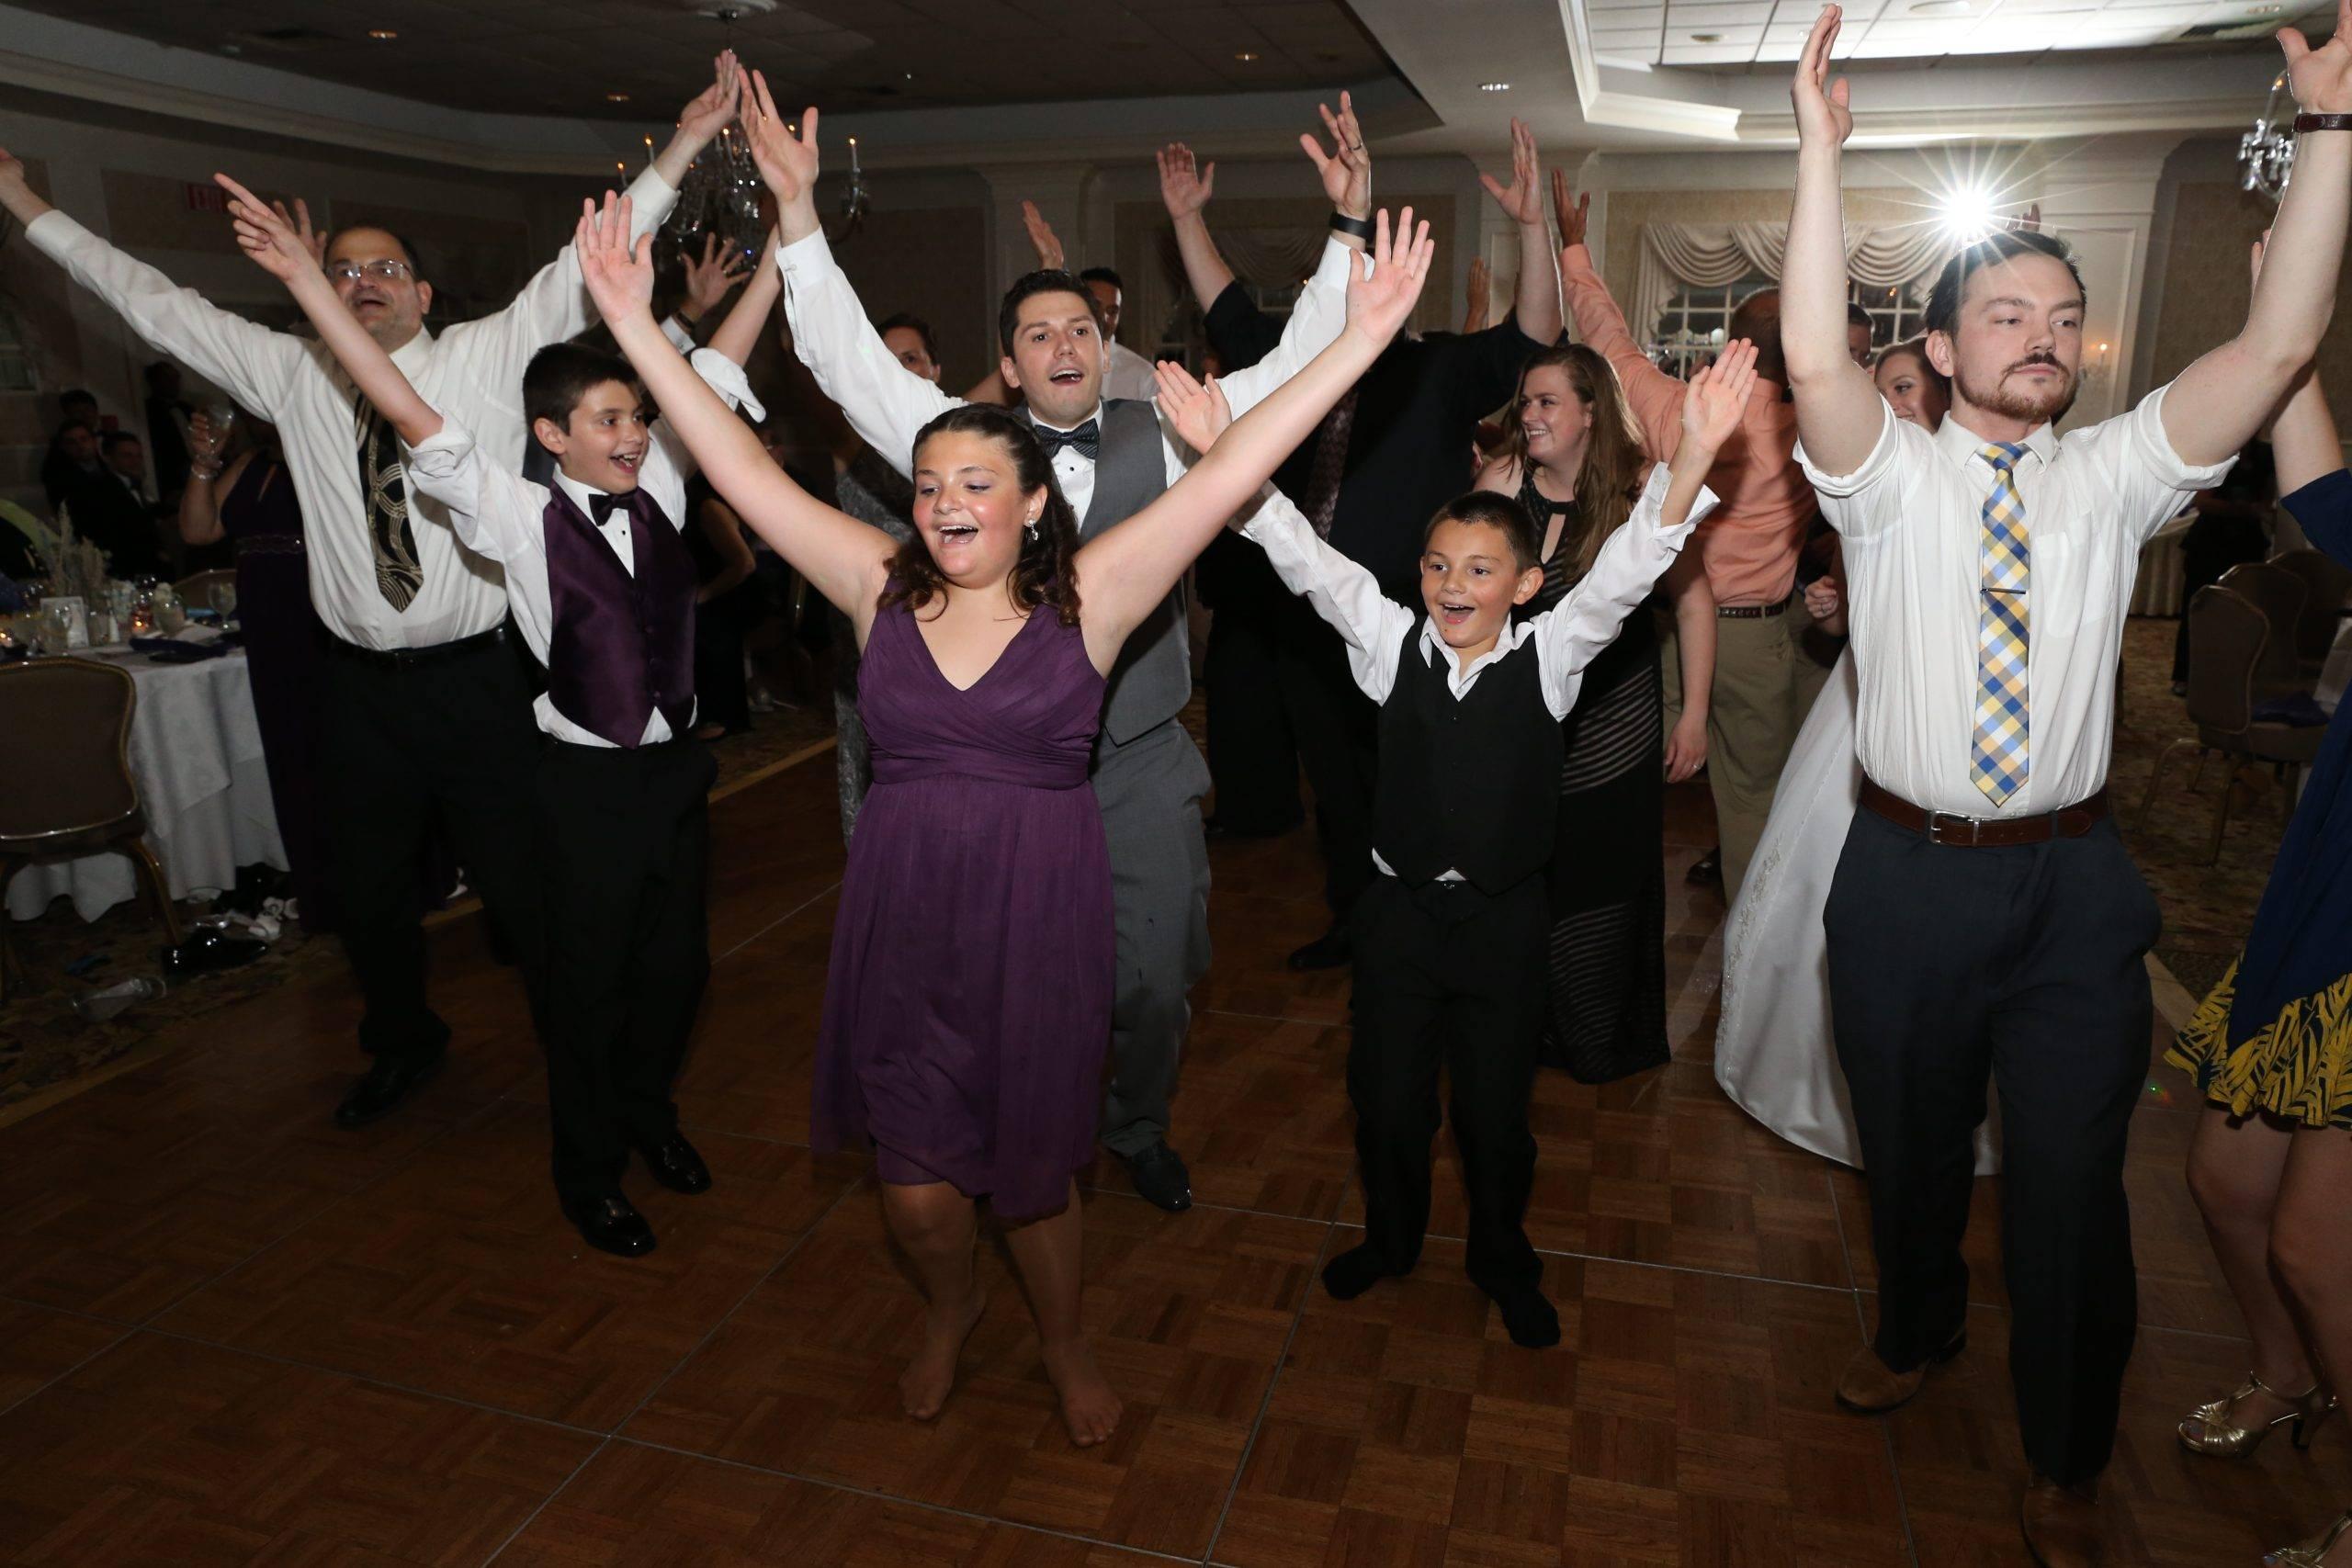 Bridgewater Manor wedding guests dancing